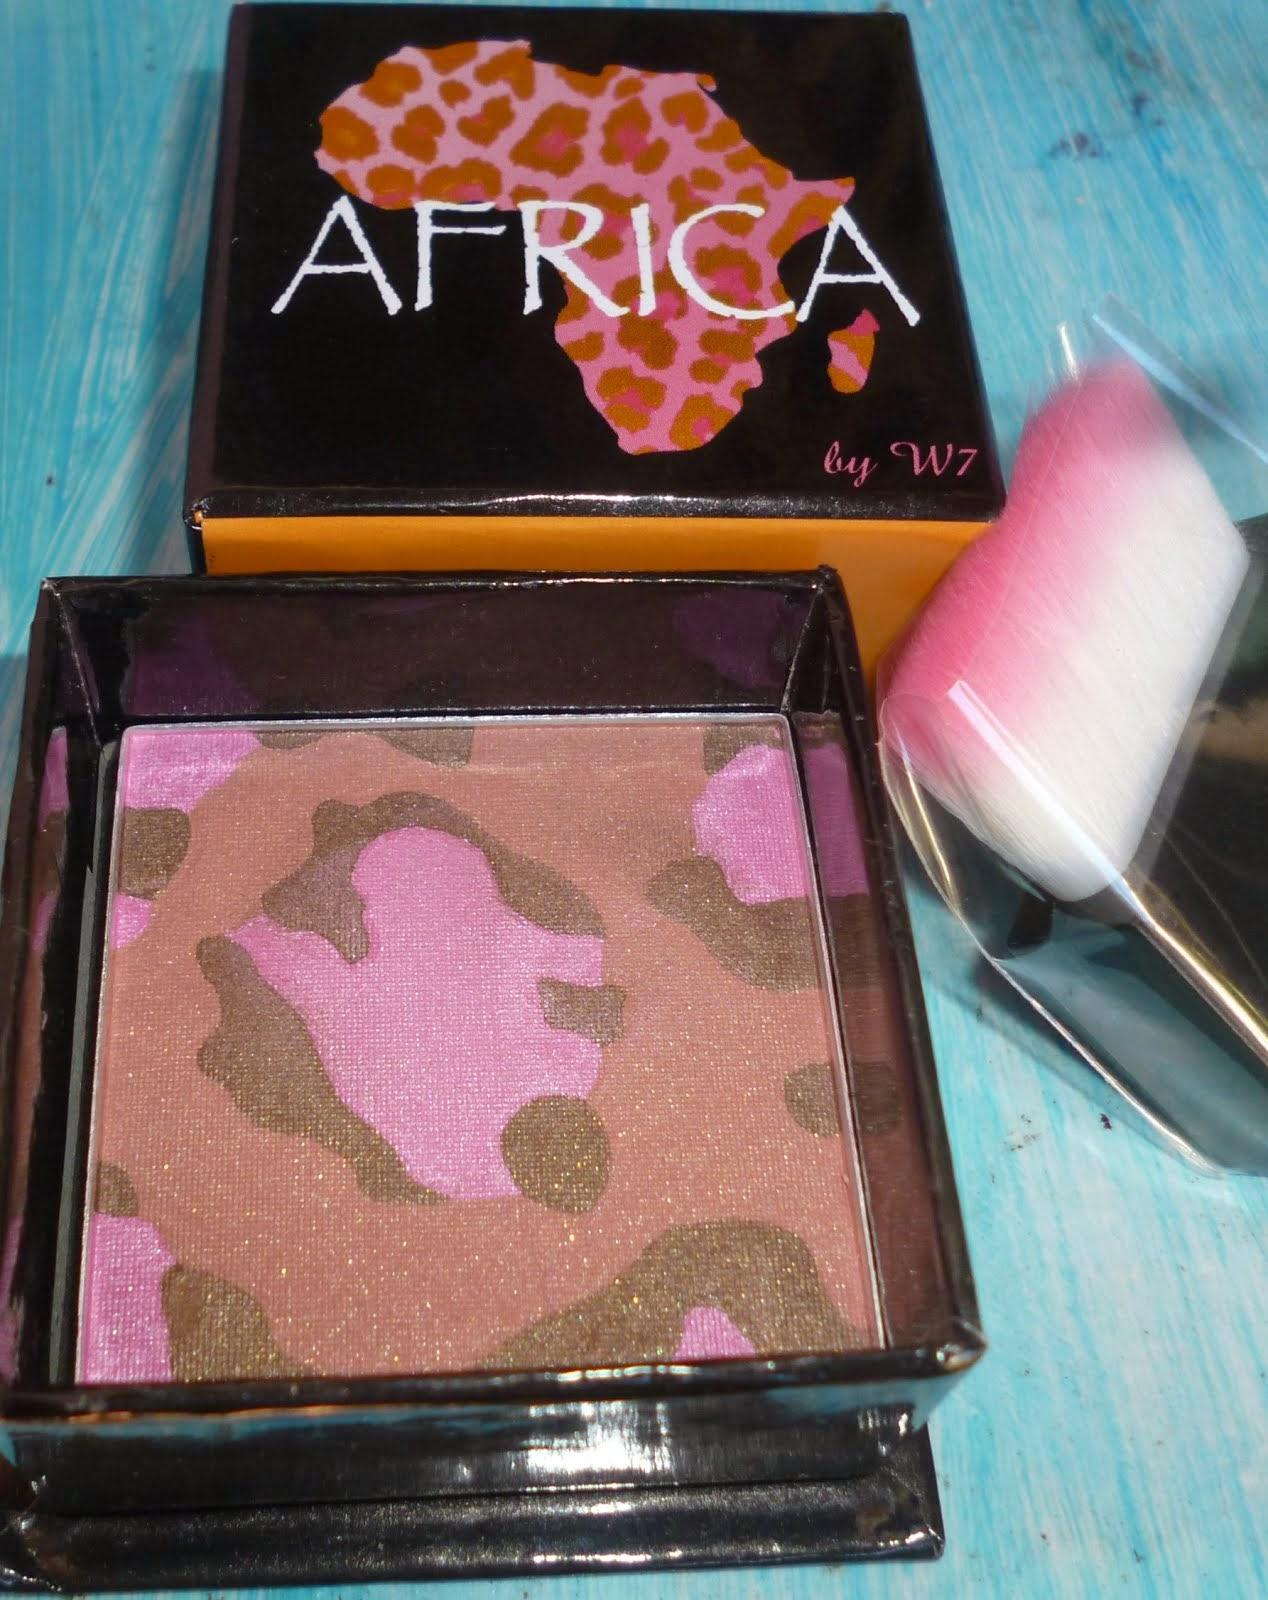 W7 AFRICA BRONZER